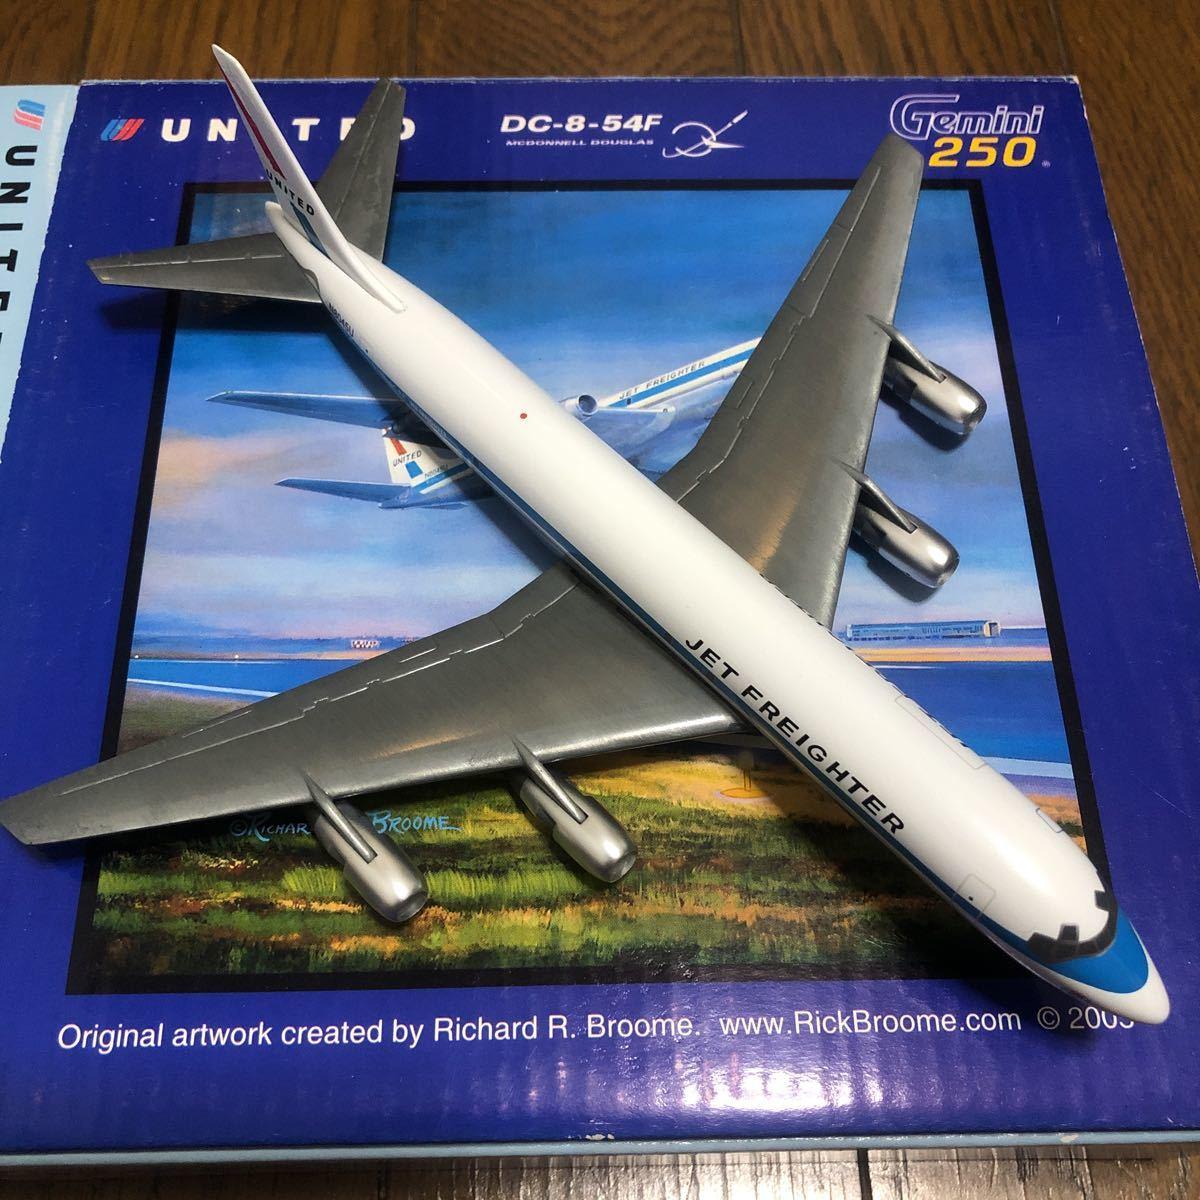 ジェミニ250 1/250 ユナイテッド航空ダグラスDC-8-54F 中古品_画像3